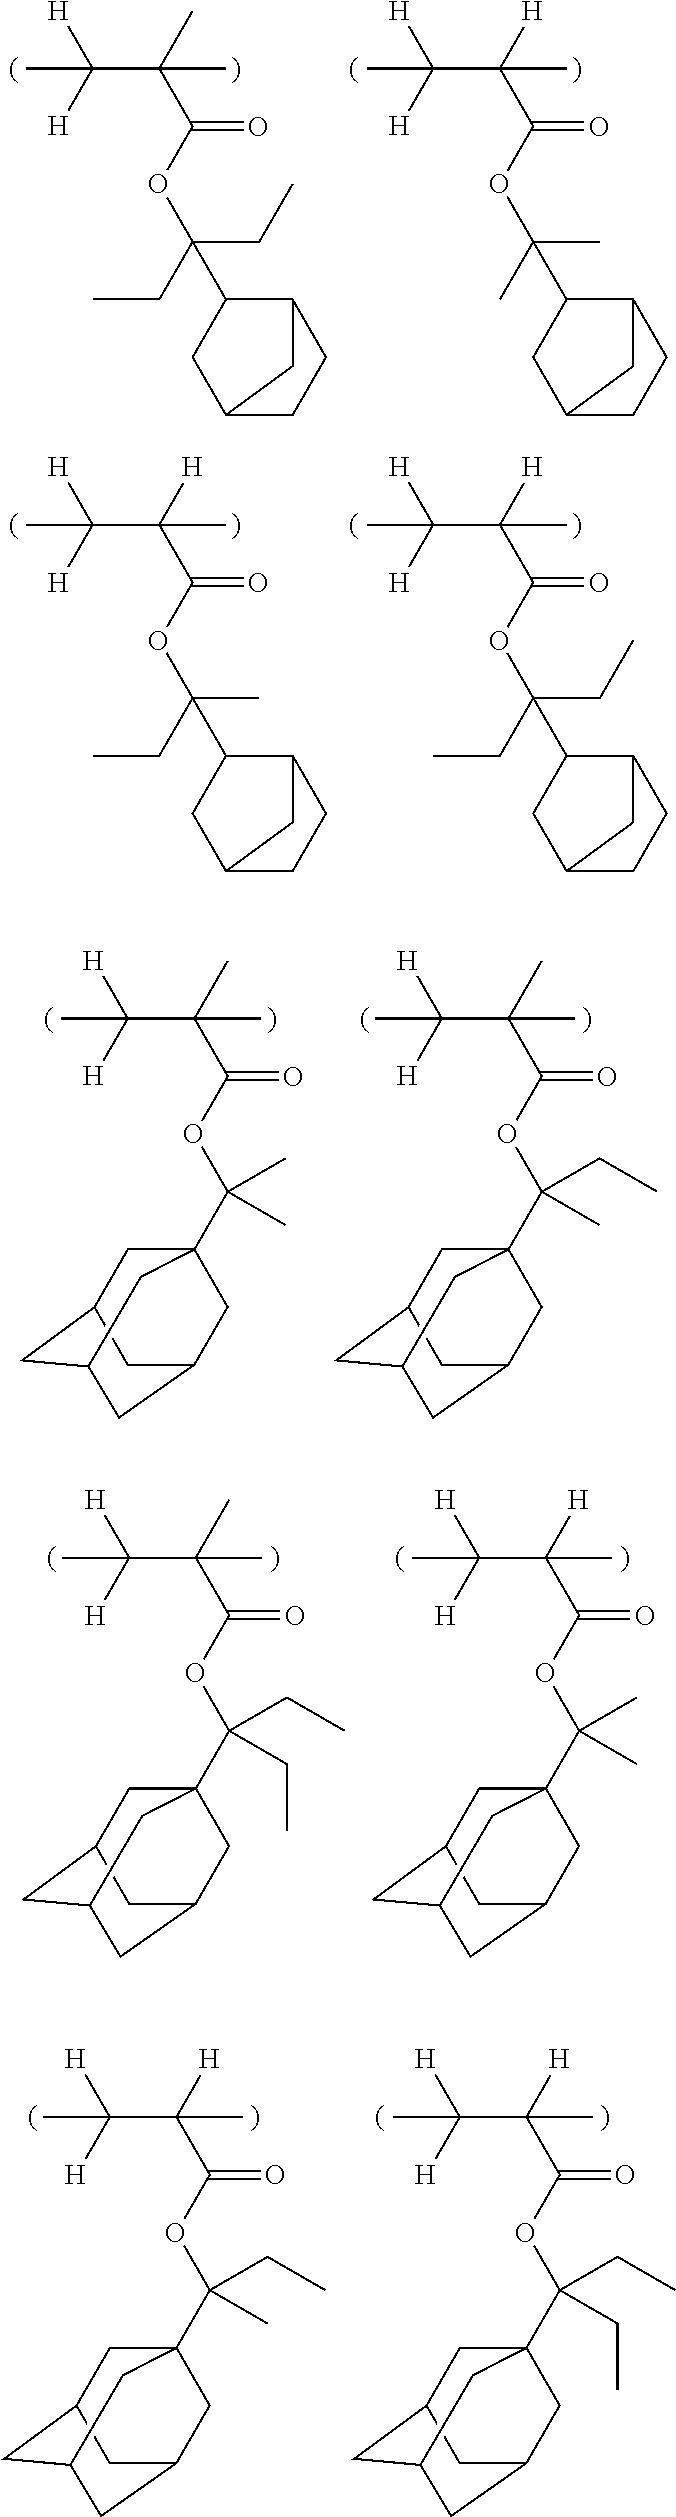 Figure US08900793-20141202-C00043